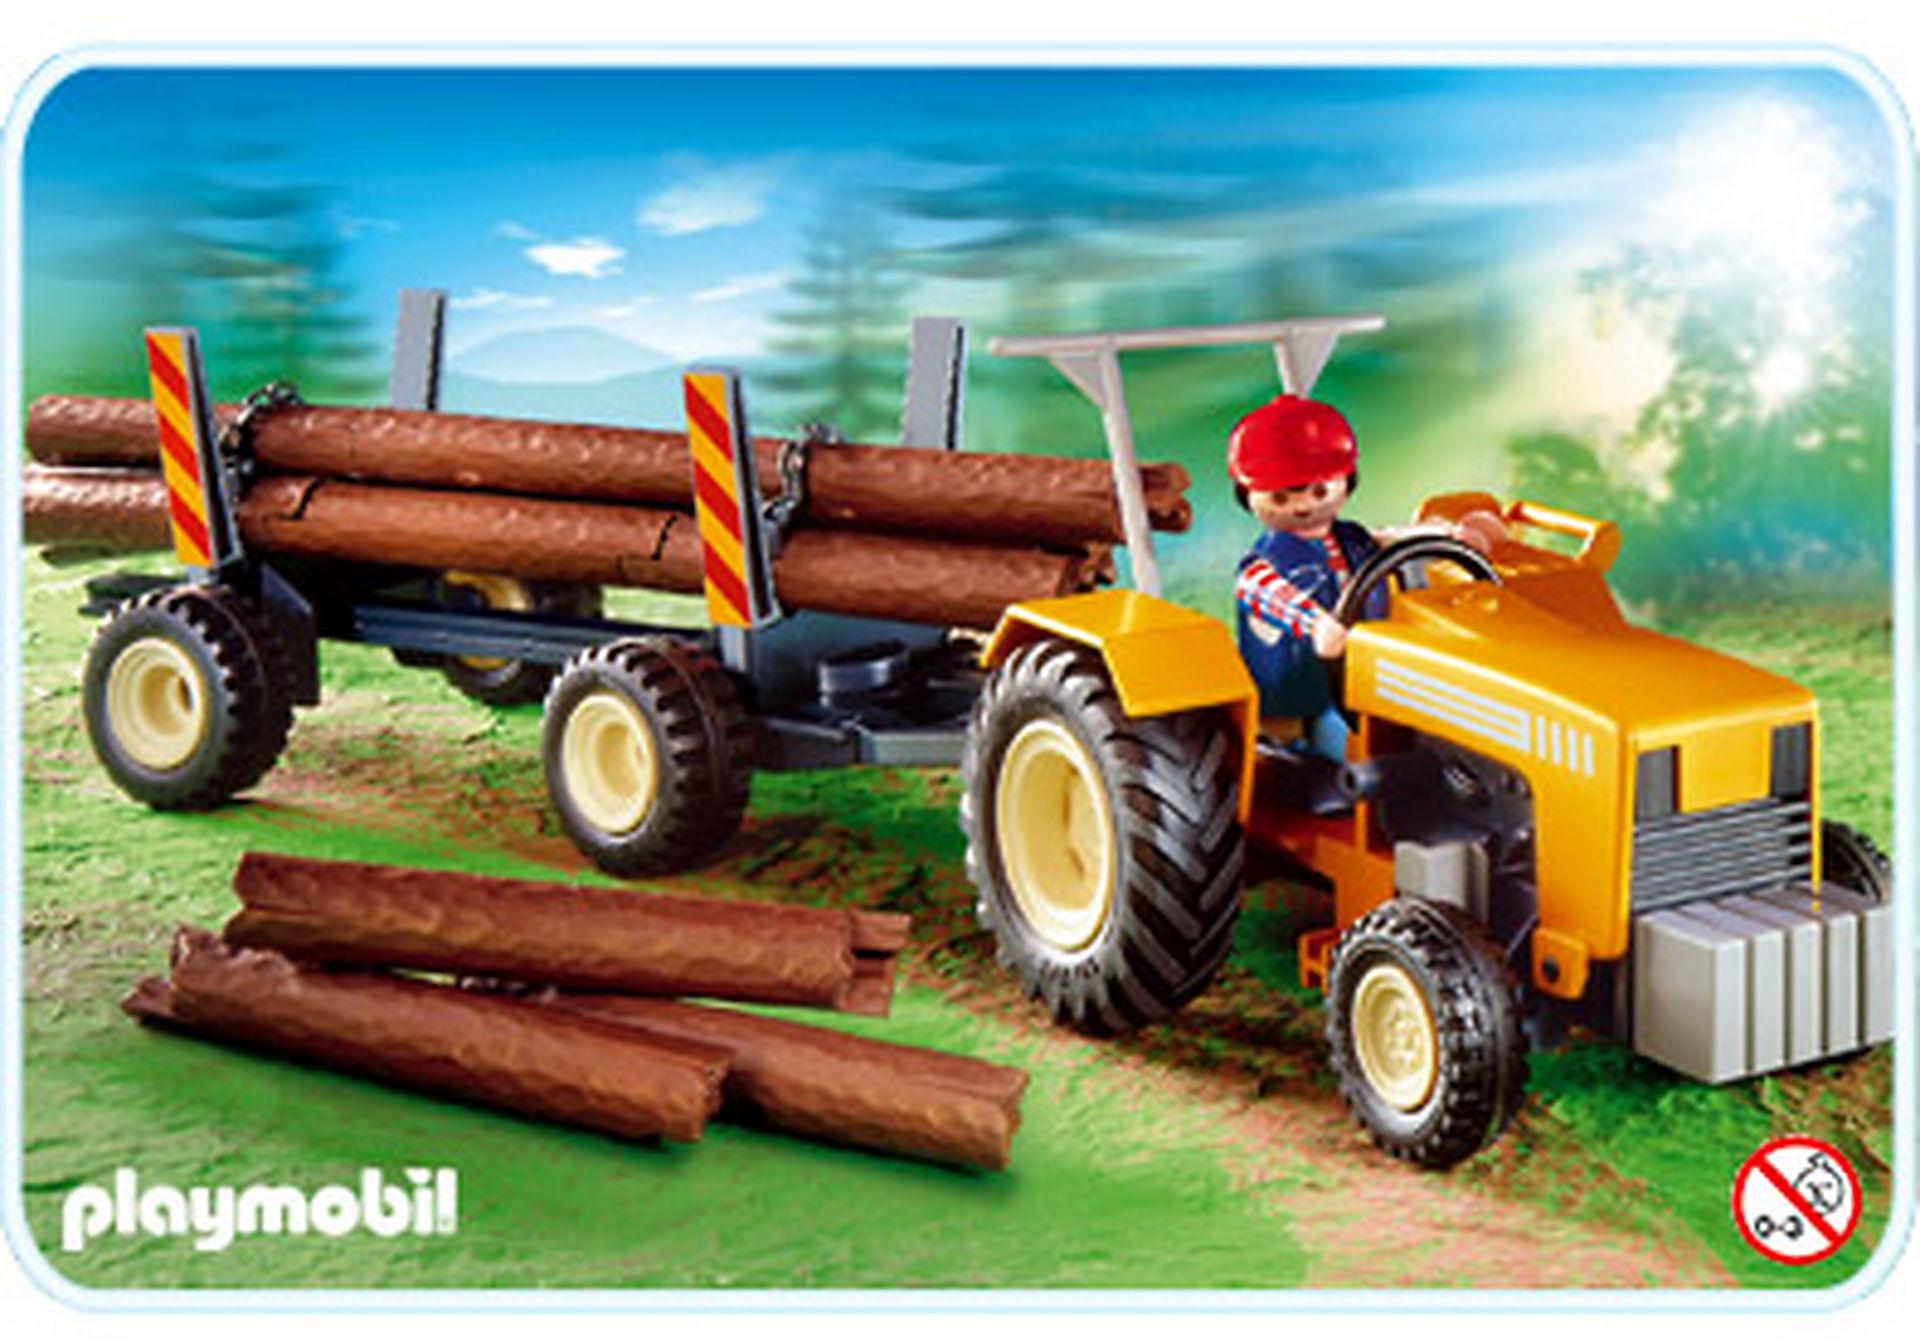 4209-A Traktor mit Langholztransport zoom image1